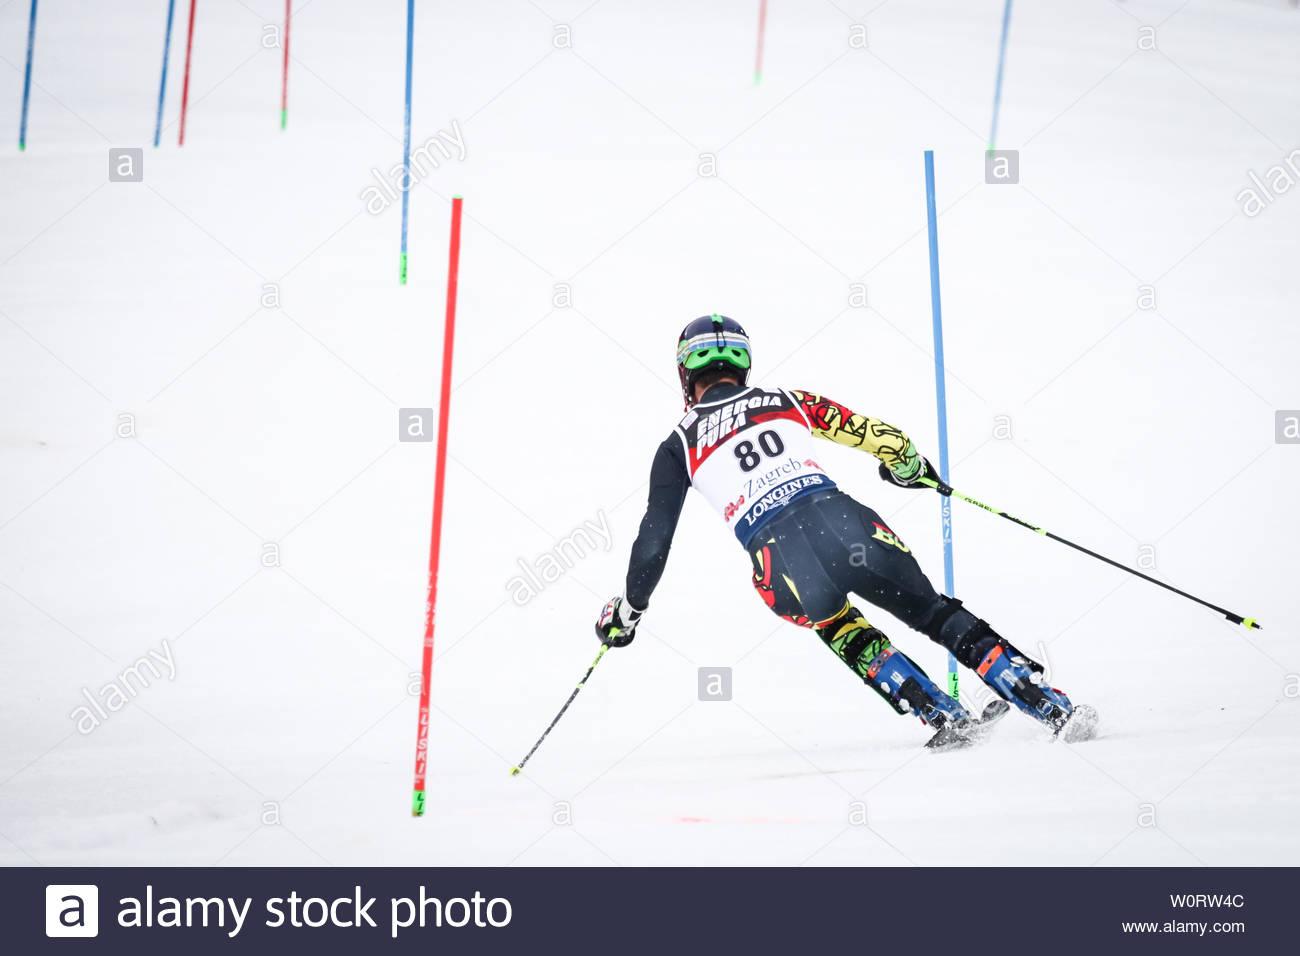 ZAGREB, CROATIE - 4 janvier 2018: Pension Keil Breitfuss S. de Bol est en concurrence au cours de l'AUDI FIS Alpine Ski World Cup Slalom Hommes, Snow Queen Trophy 2018 à Zagreb, Croatie. Photo Stock